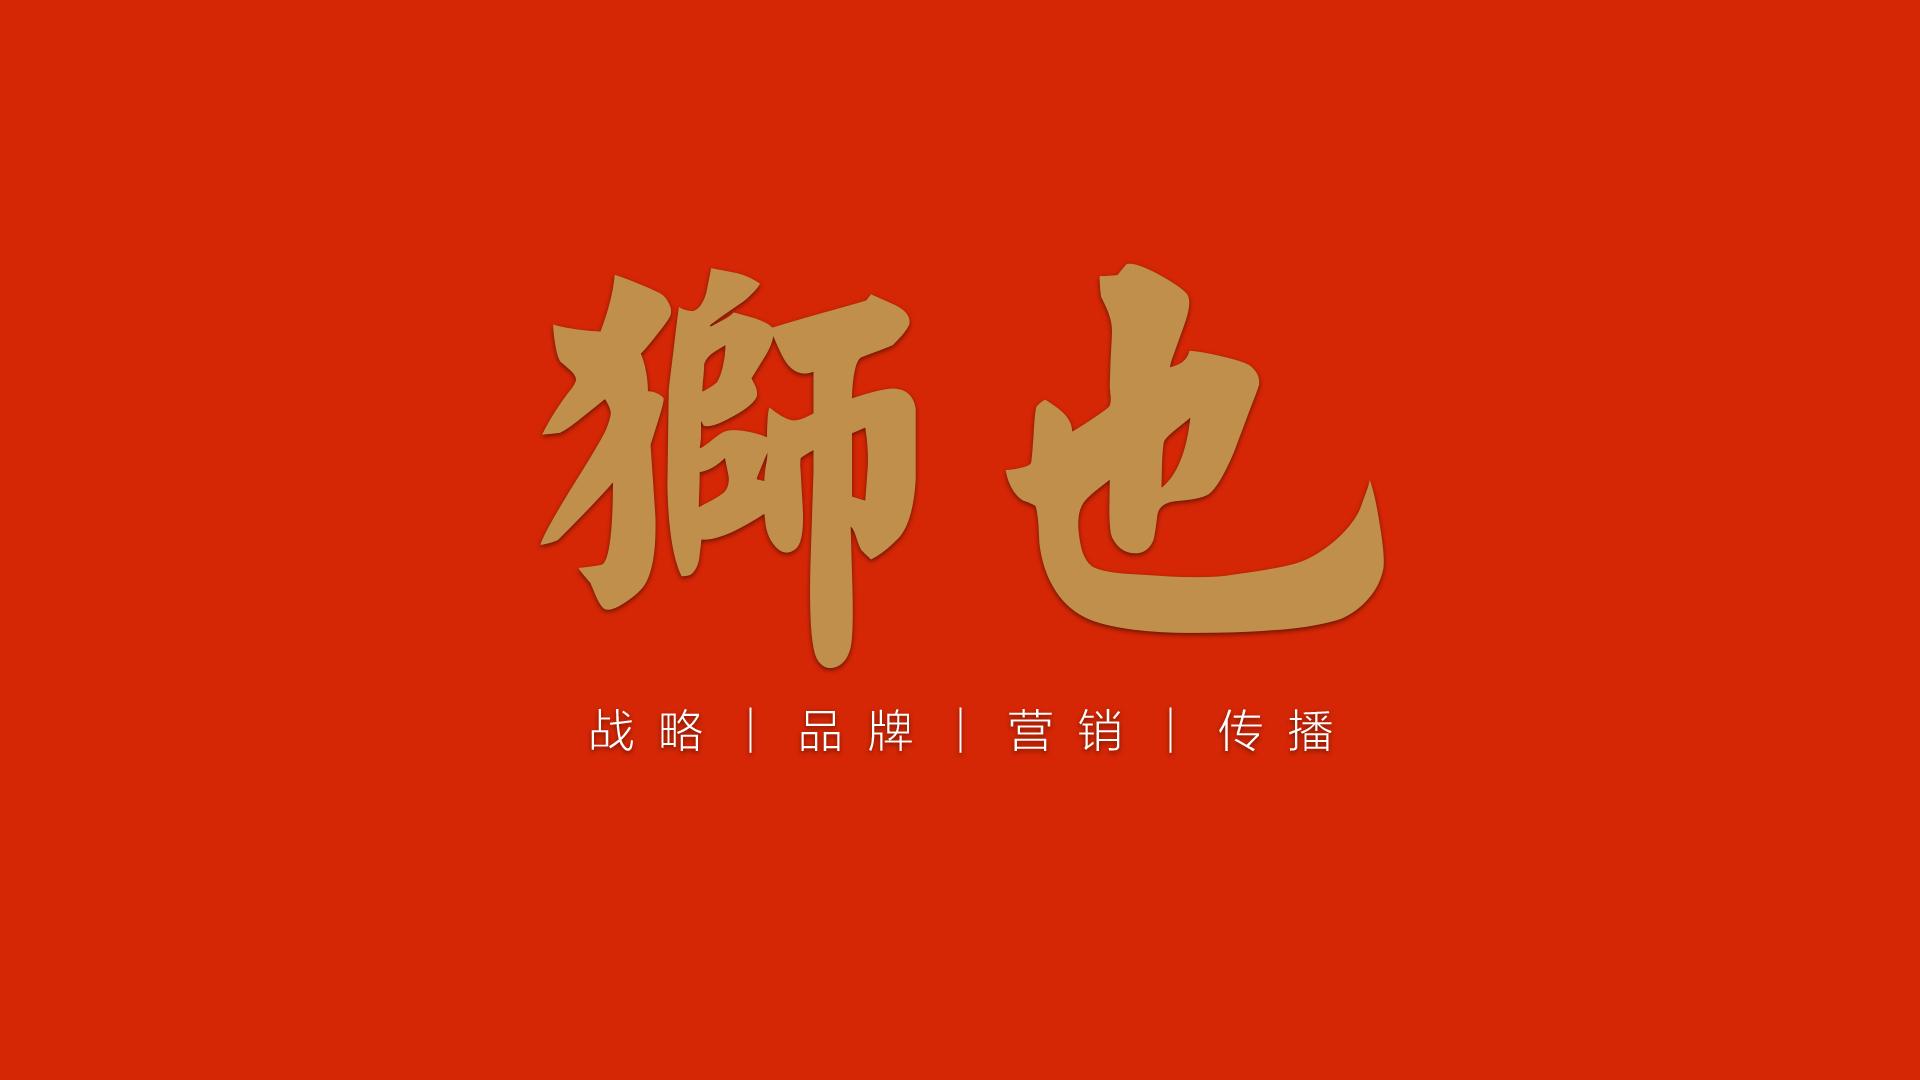 什么是市场营销策略—山东济南狮也战略品牌营销策划咨询顾问公司